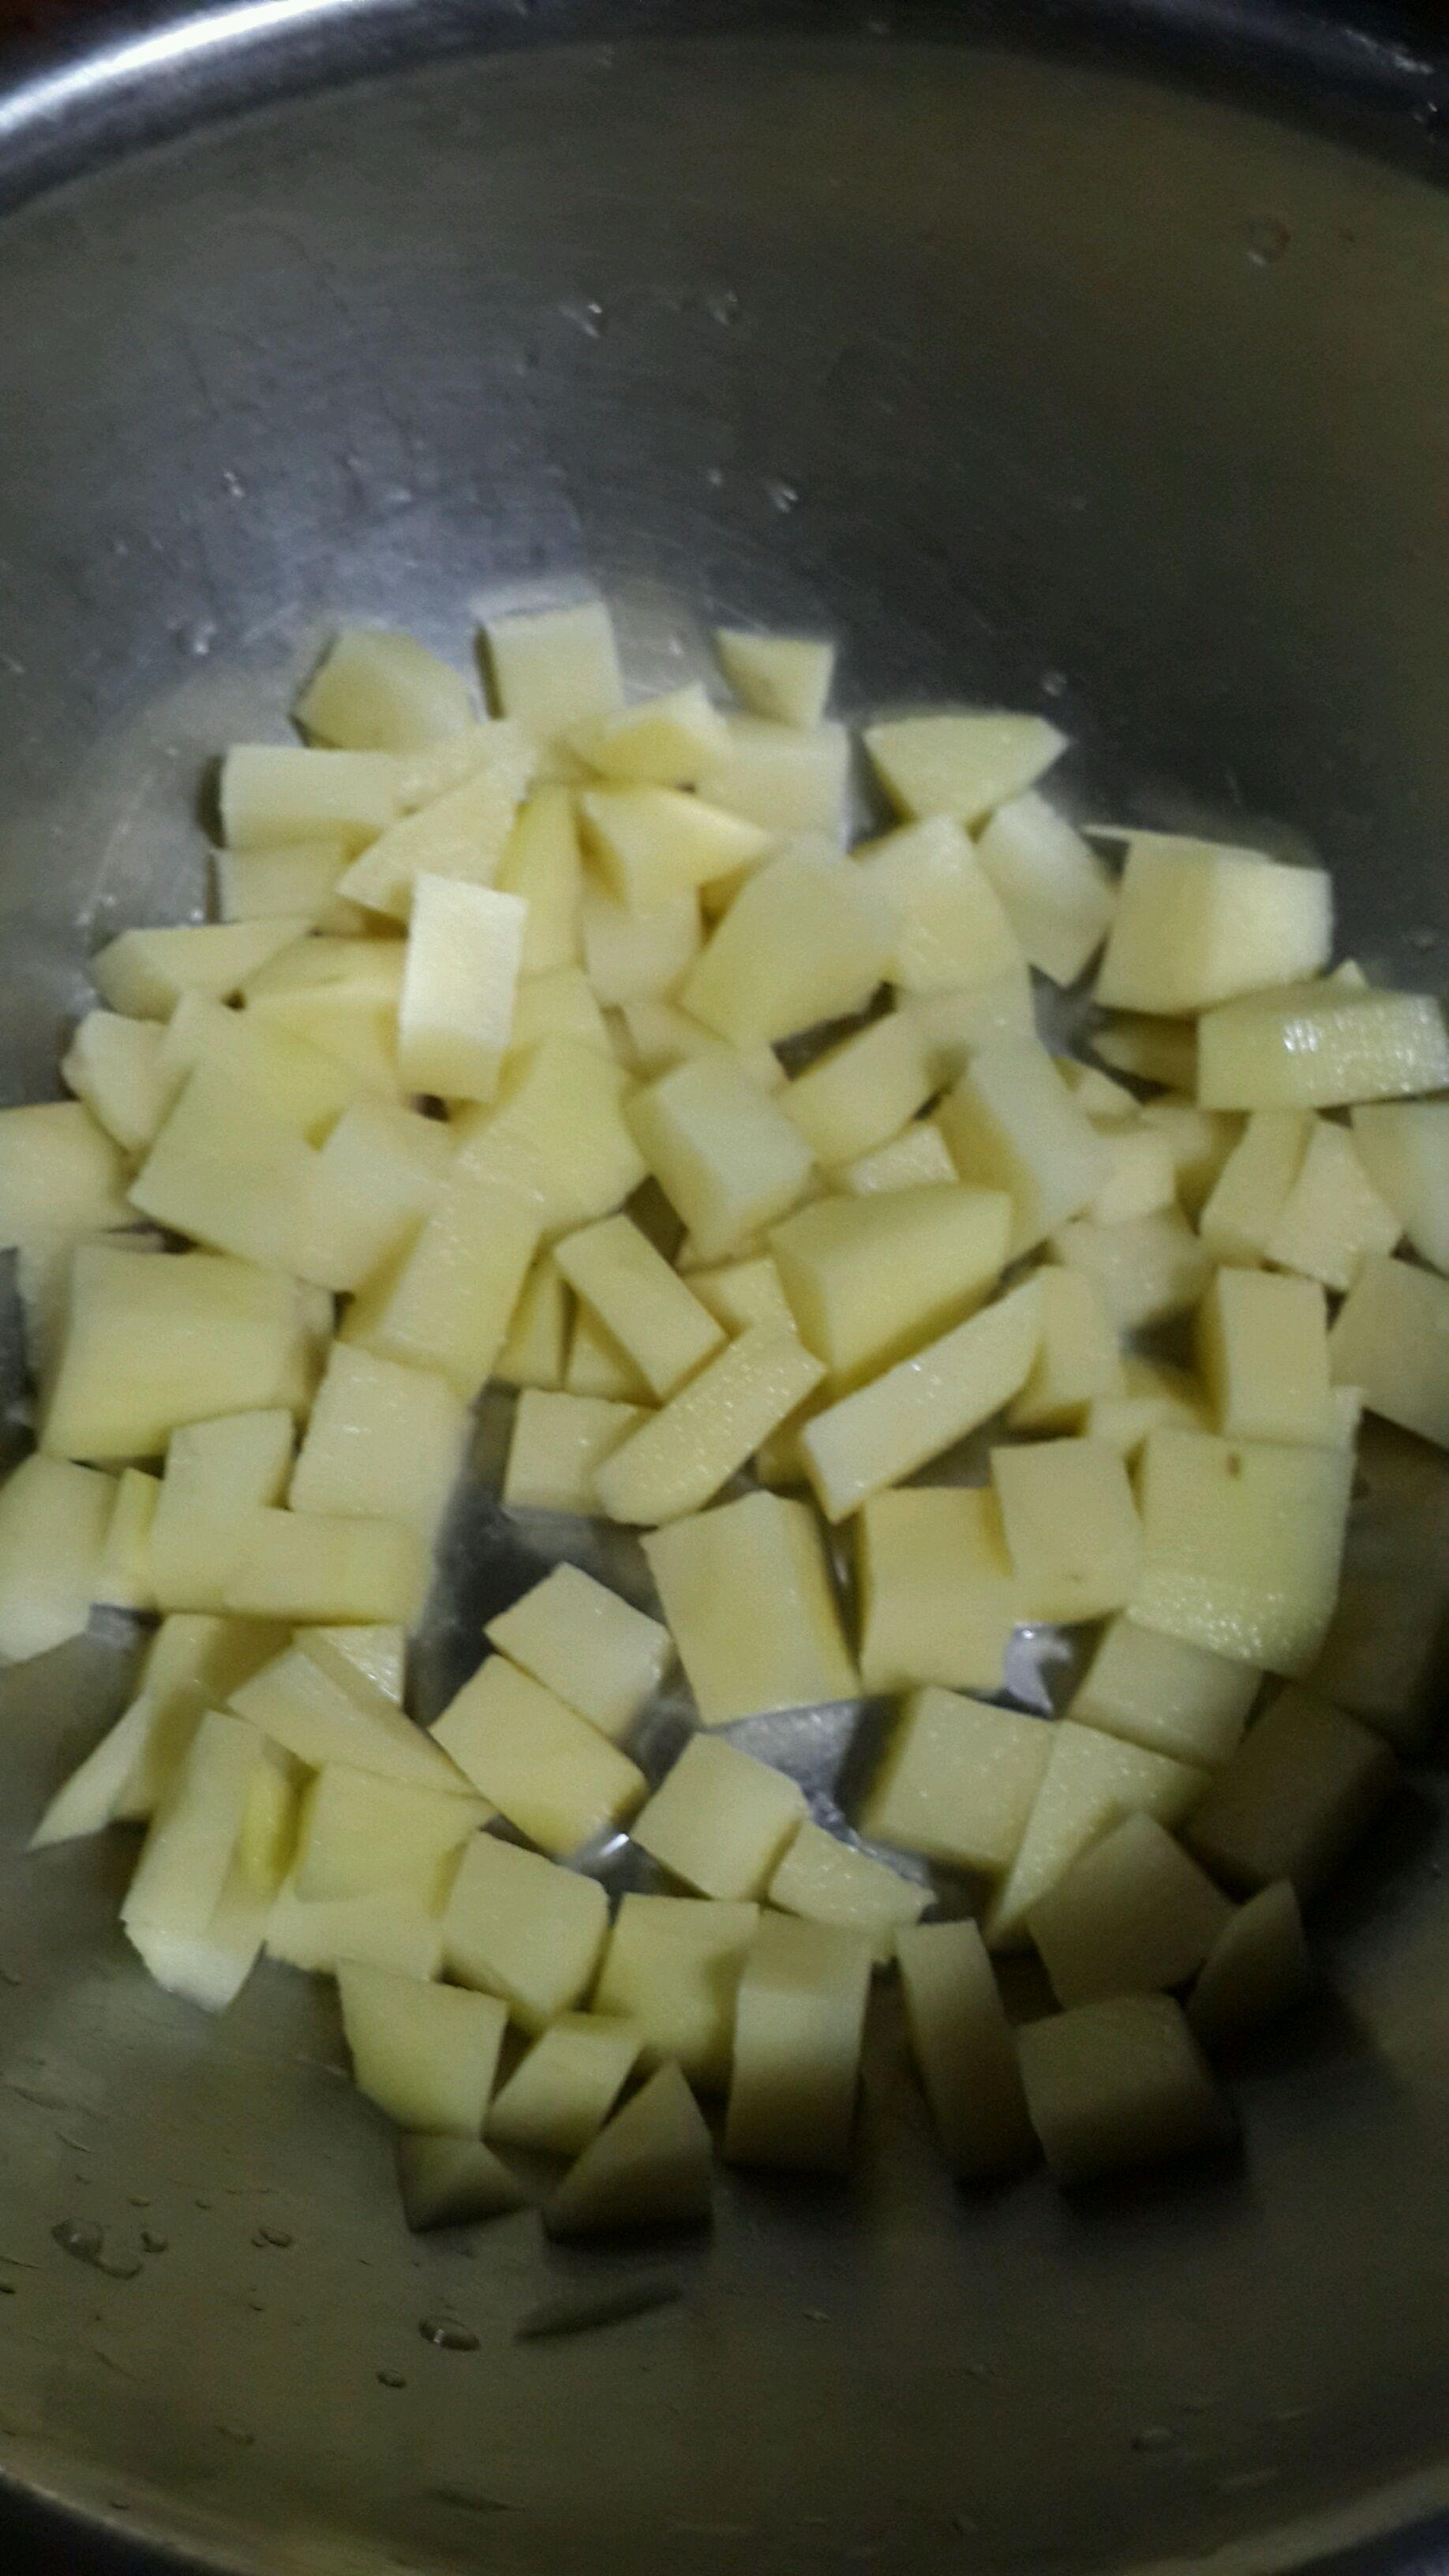 土豆切块.下锅煮熟